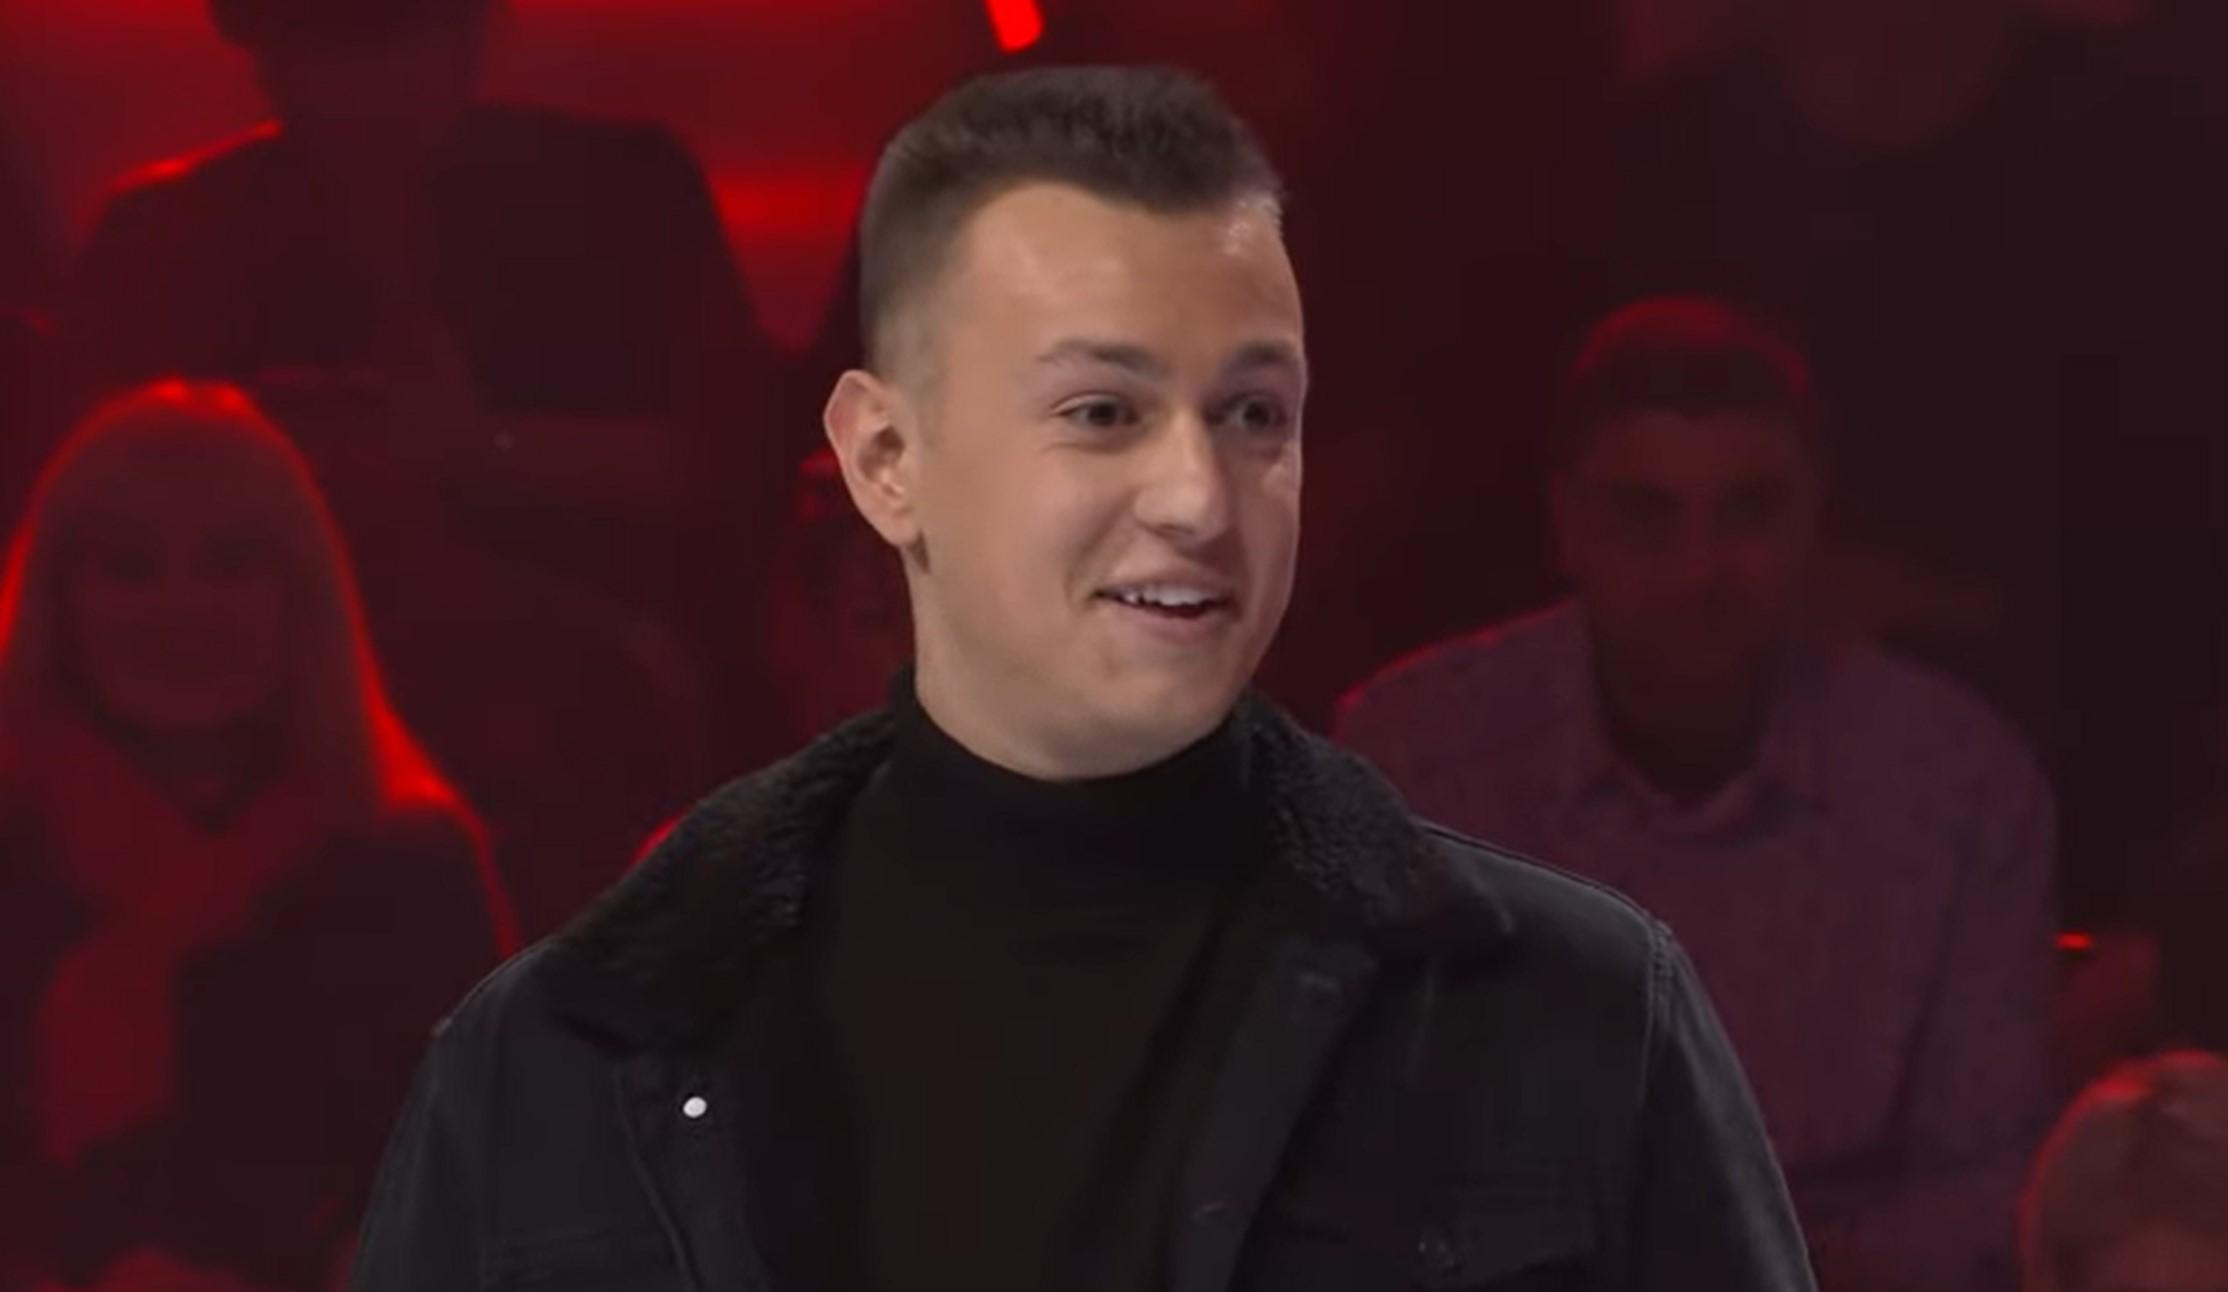 Strahinja Zivanovic